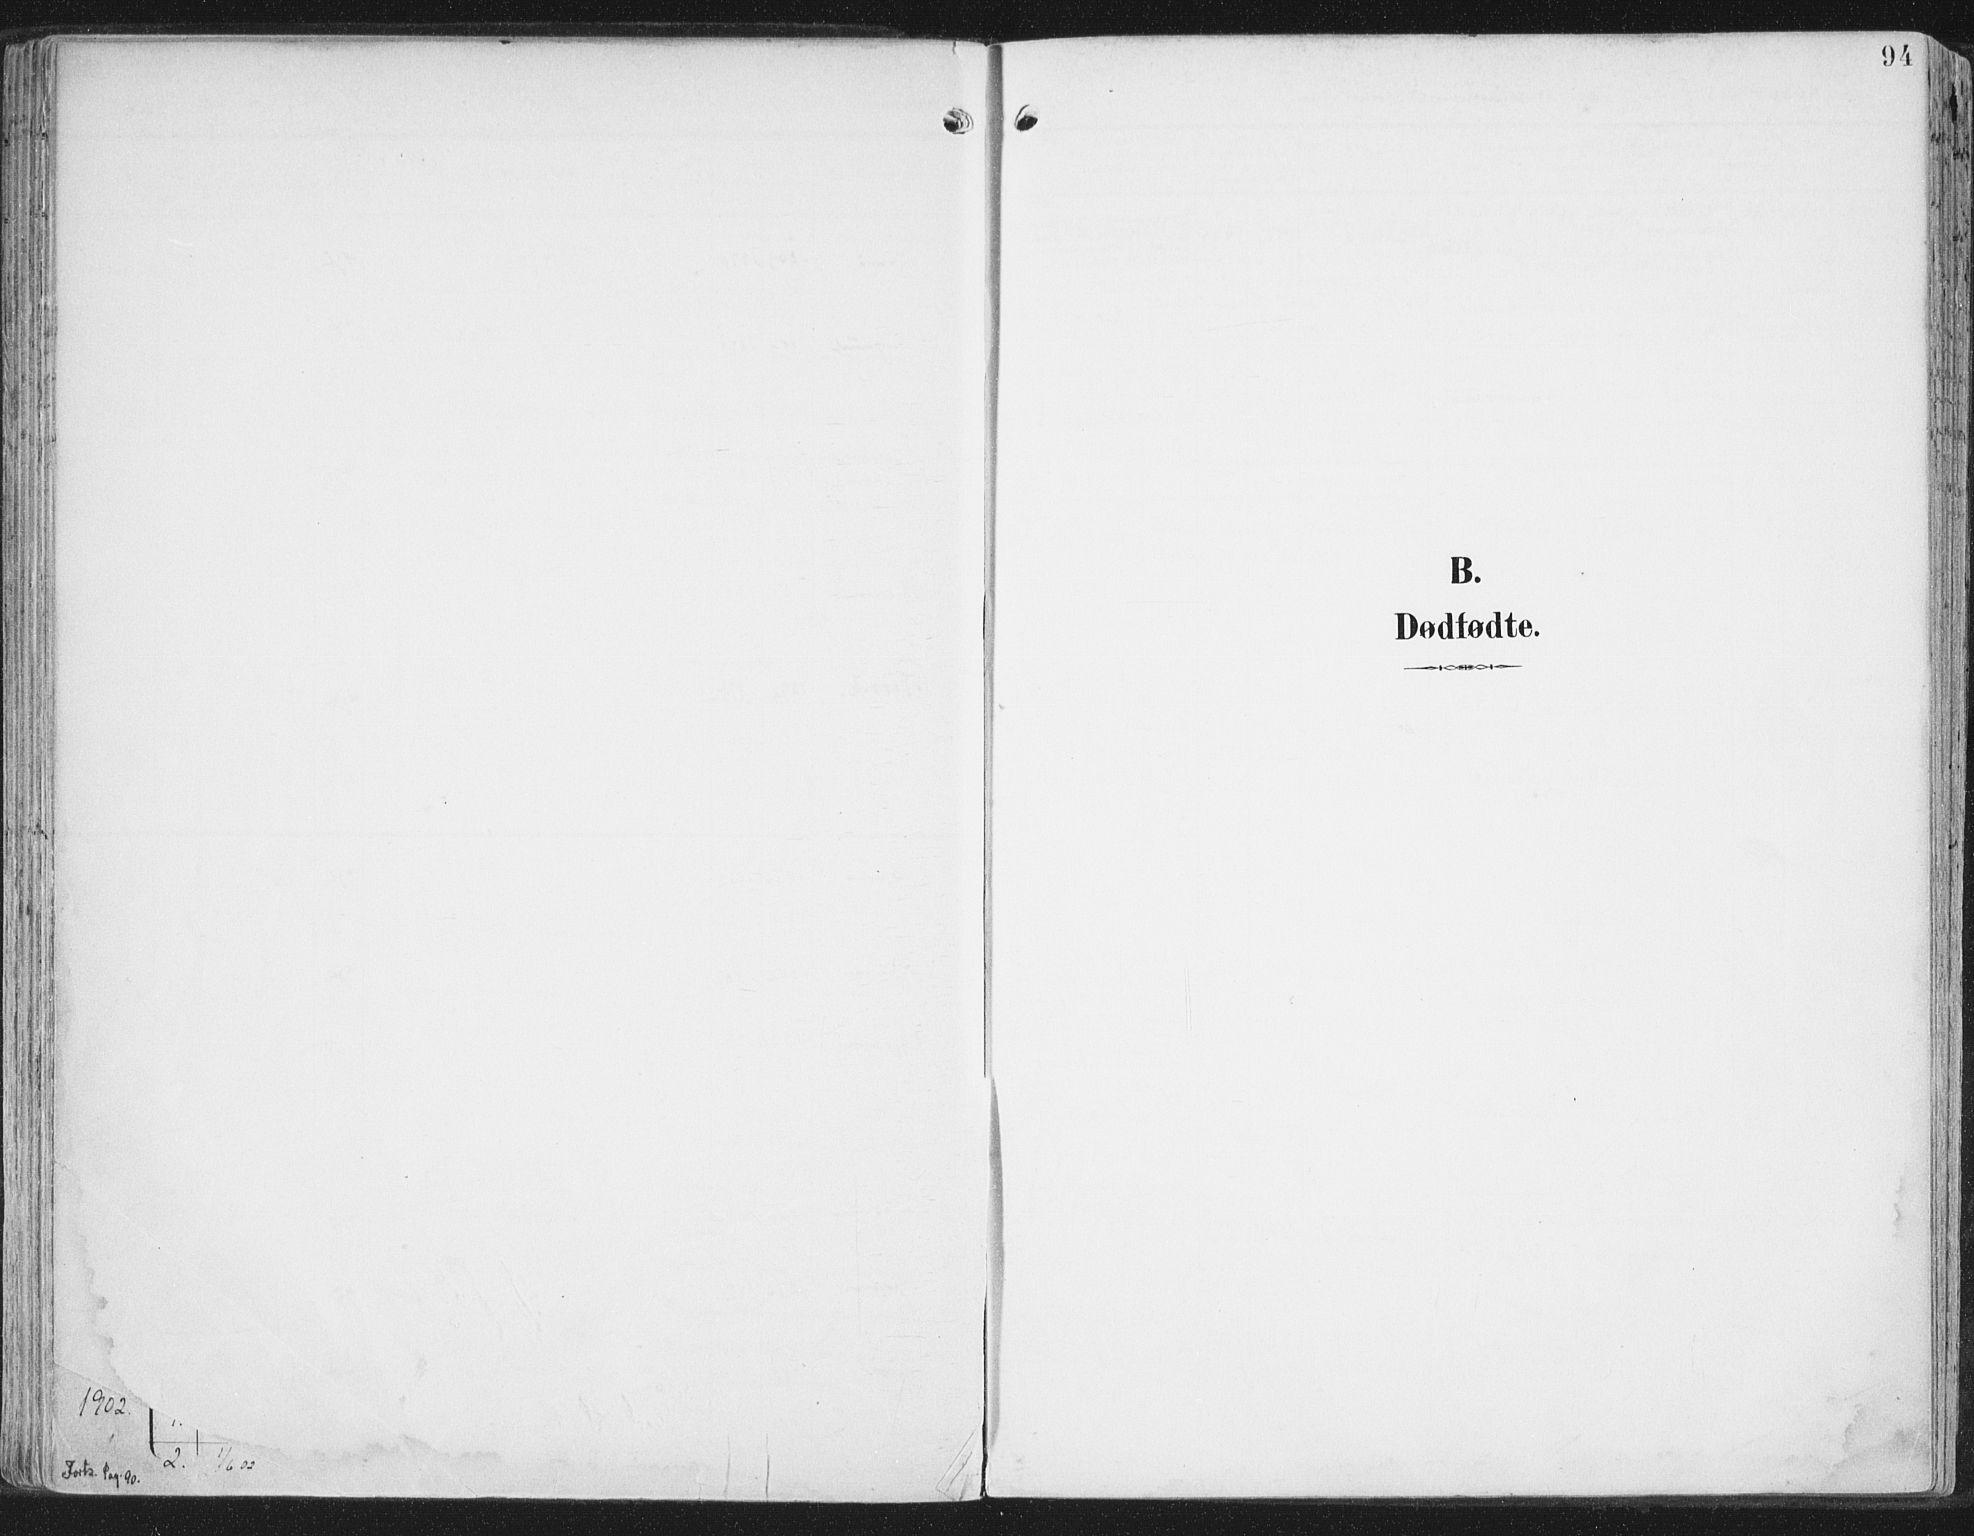 SAT, Ministerialprotokoller, klokkerbøker og fødselsregistre - Nord-Trøndelag, 786/L0688: Ministerialbok nr. 786A04, 1899-1912, s. 94